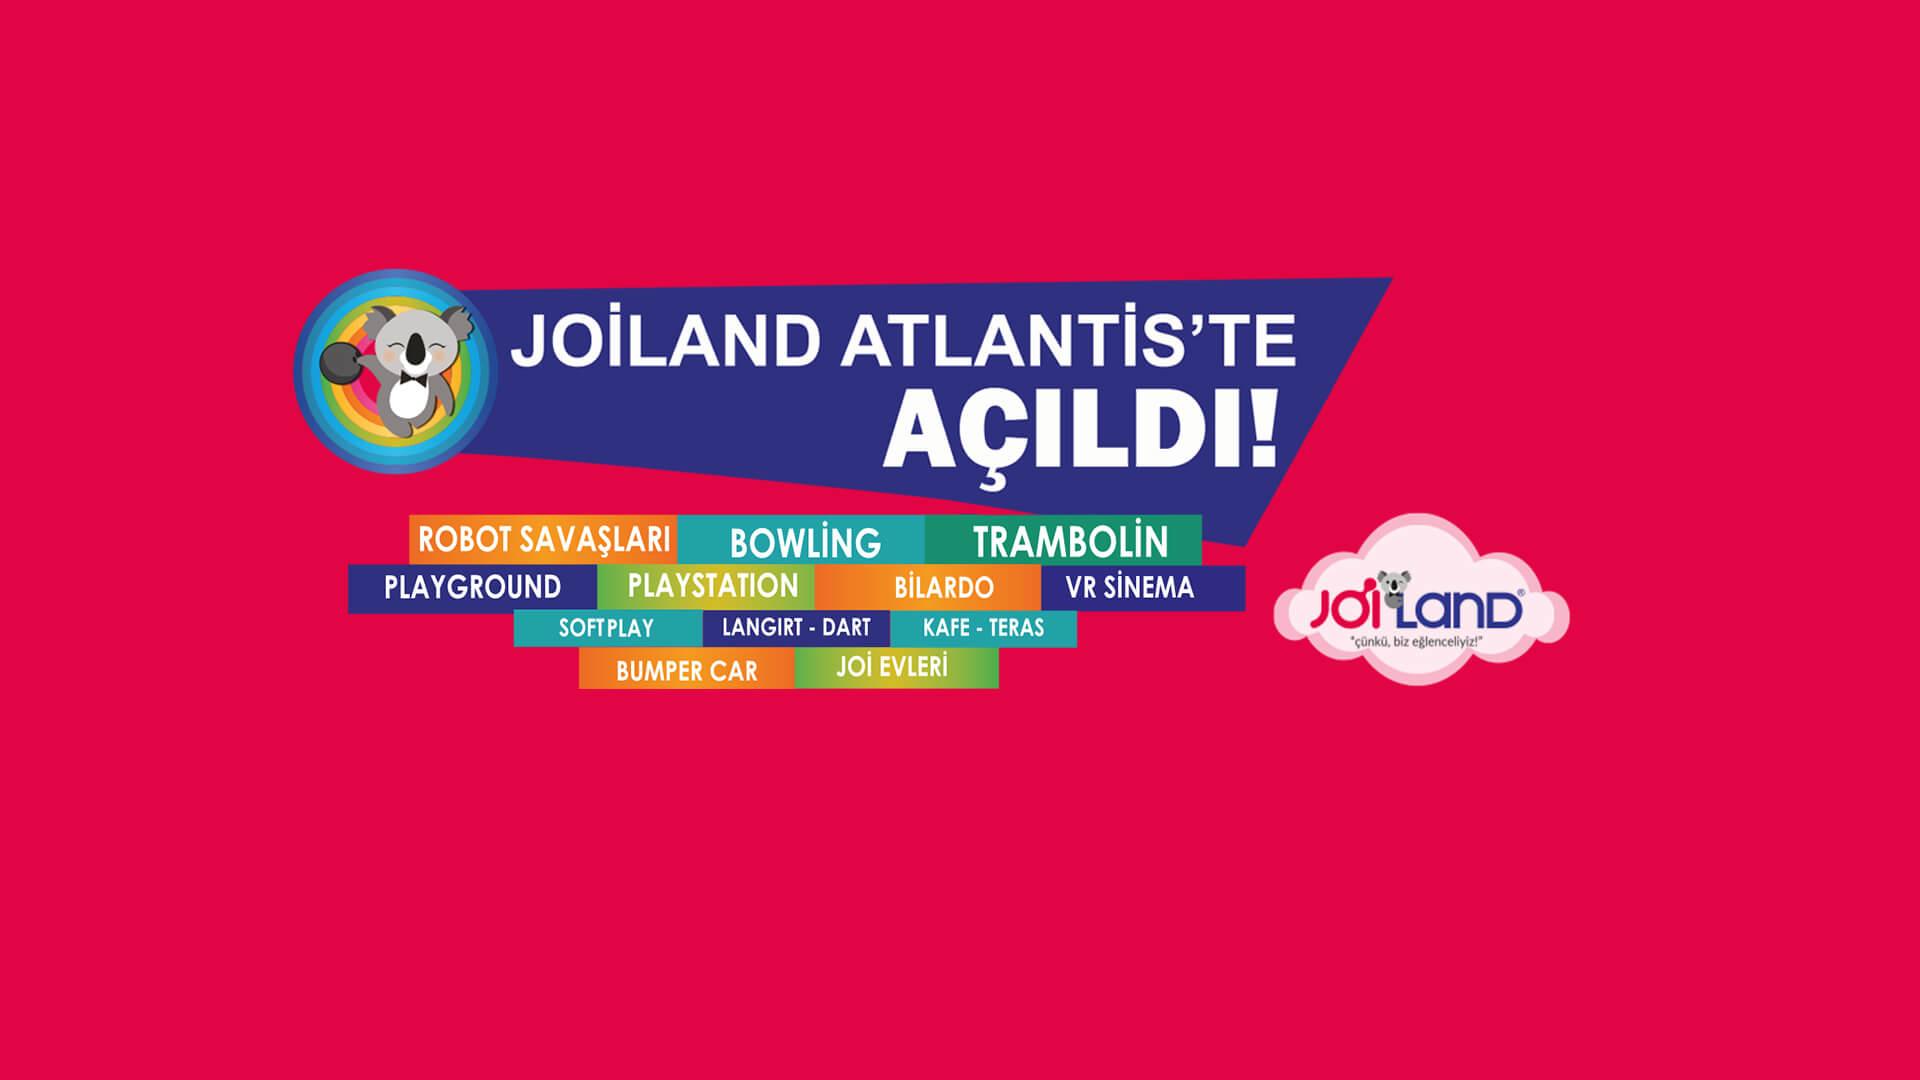 Joiland